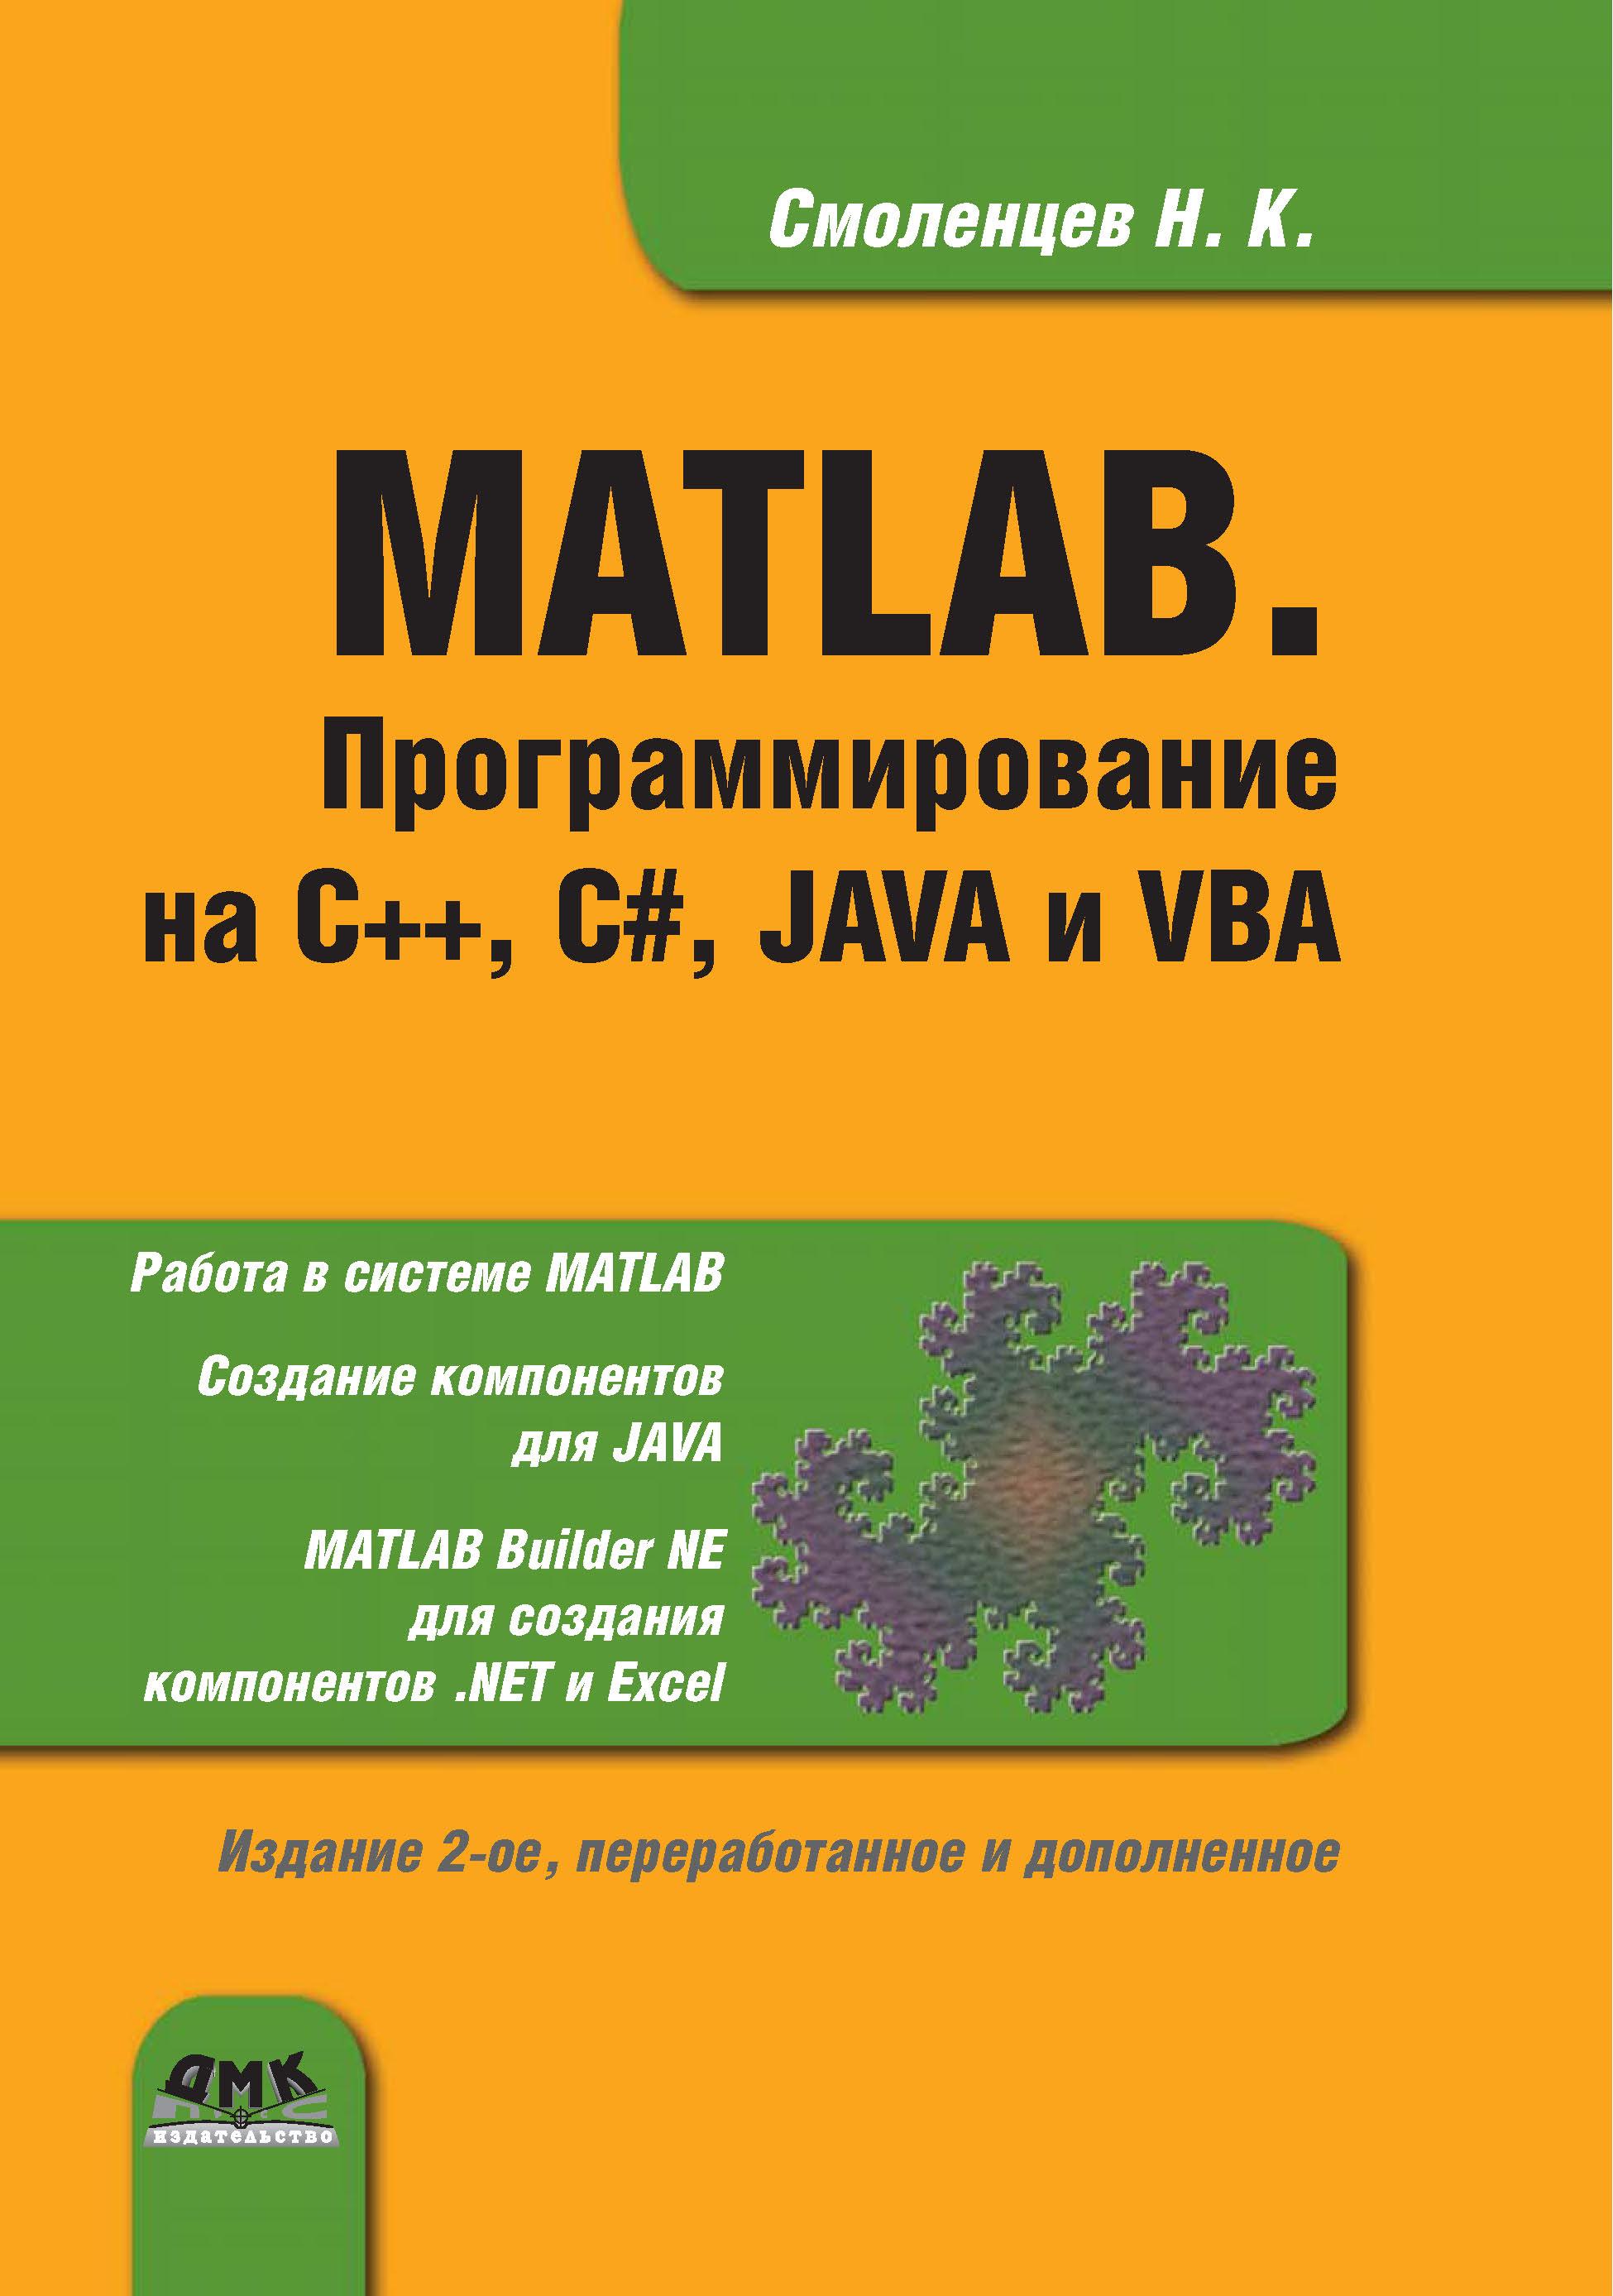 Николай Смоленцев MATLAB. Программирование на С++, С#, Java и VBA все цены